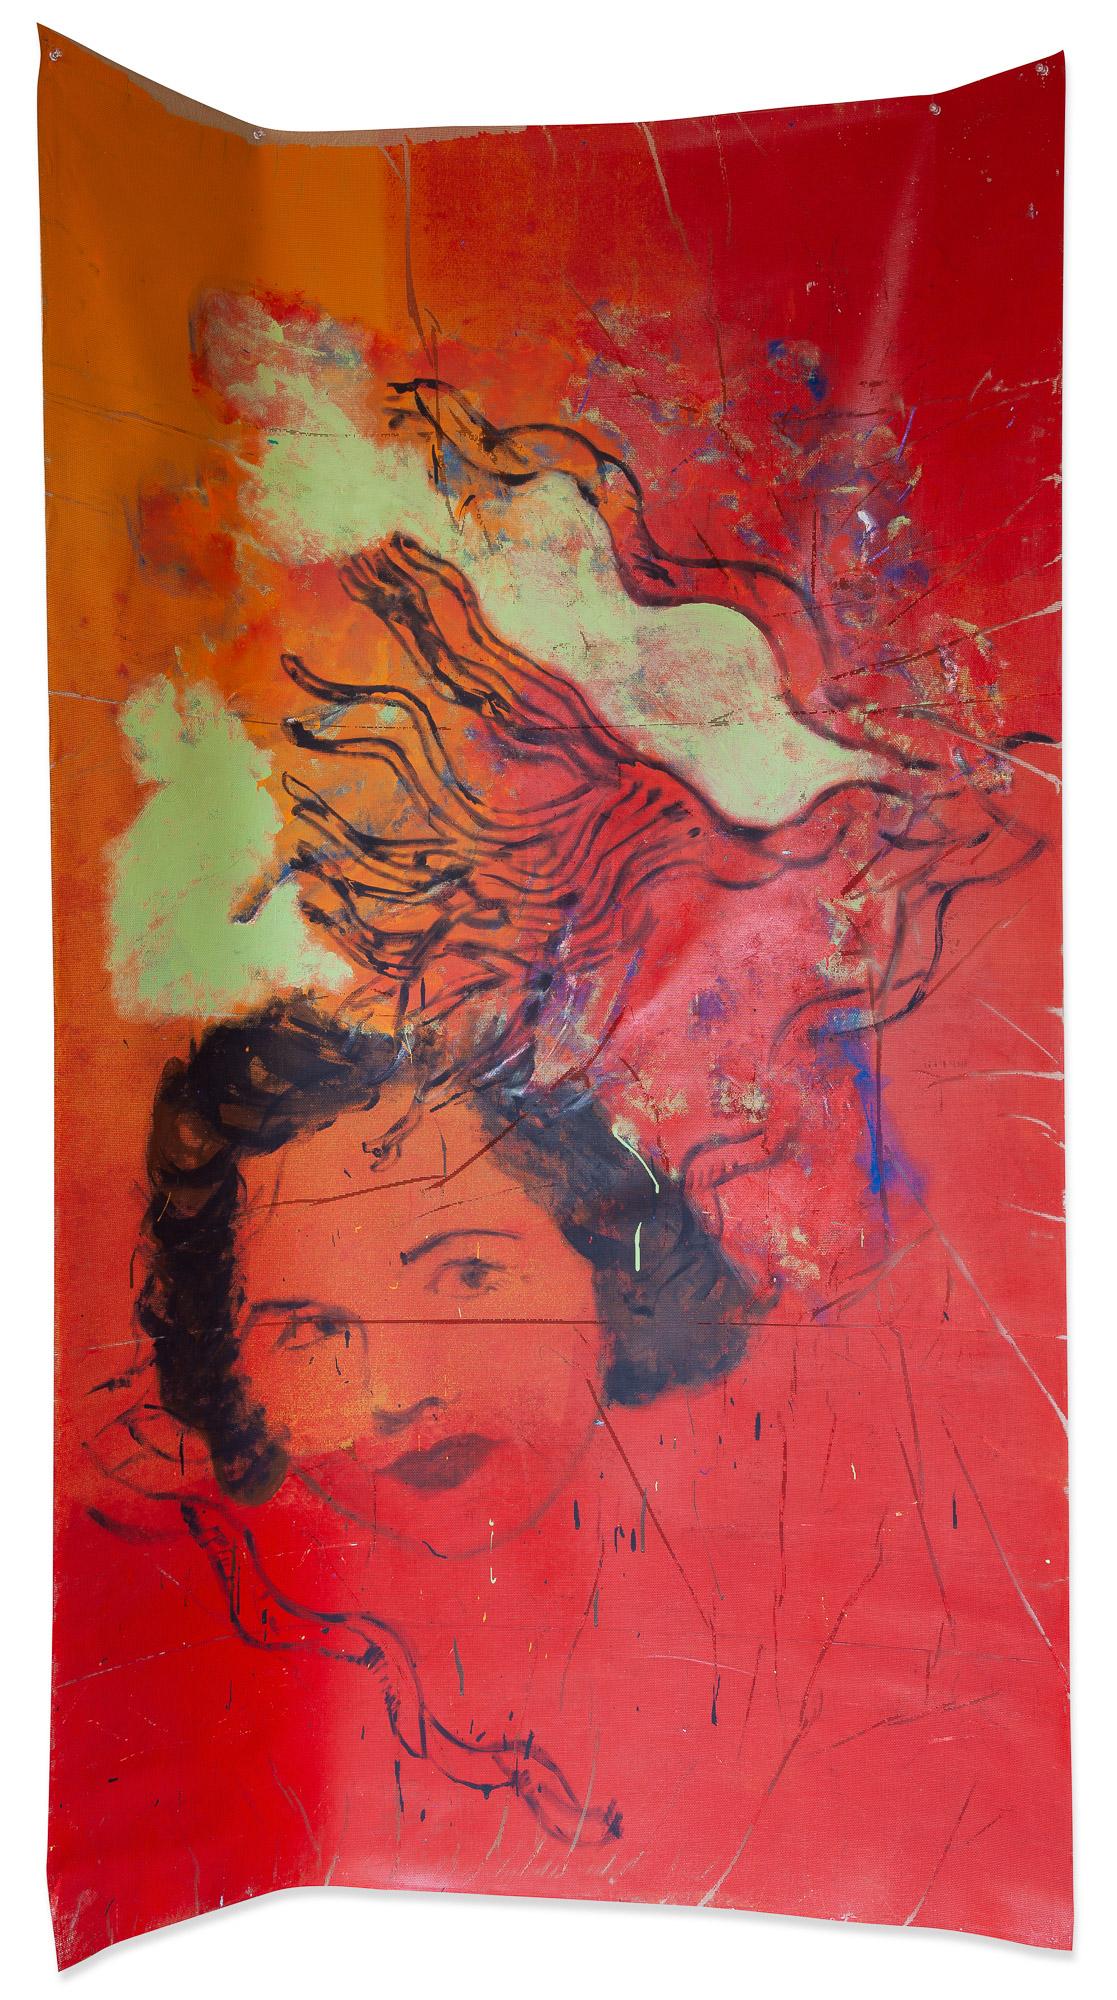 BG_Paintings_58-HDR.jpg